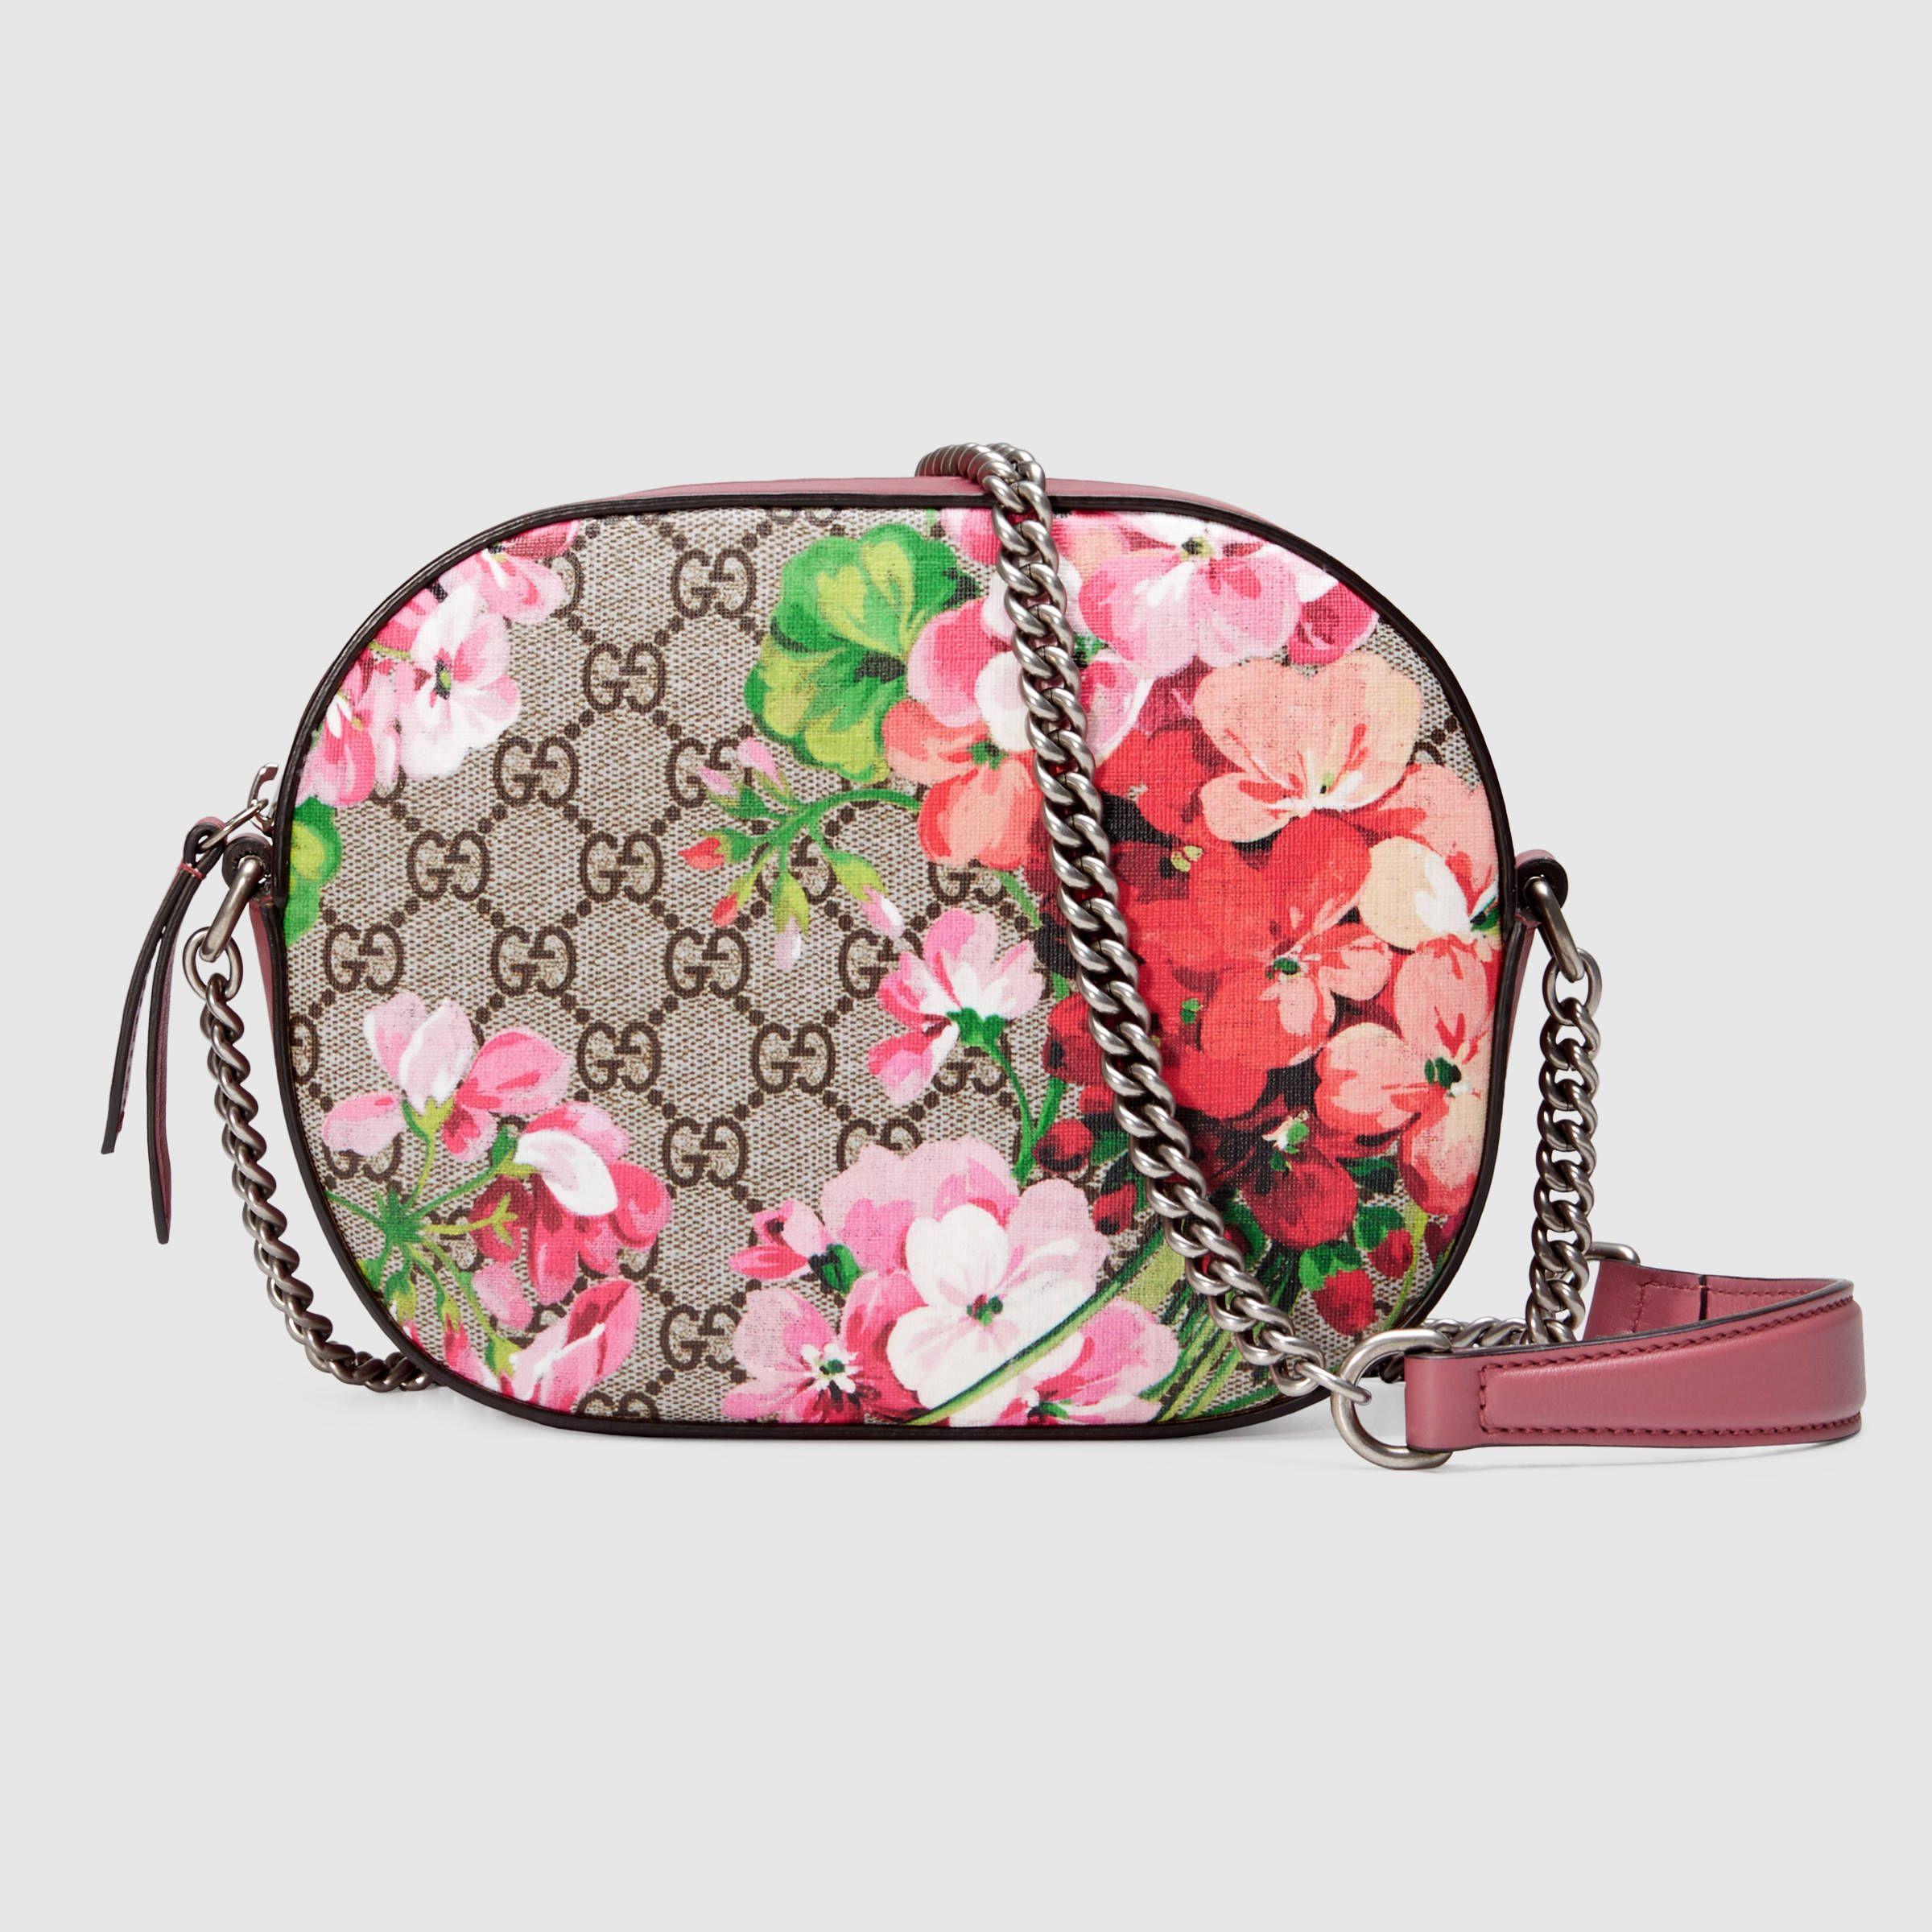 5d5906ce80da Gucci Women - Blooms GG Supreme mini chain bag - 409535KU2IN8693 ...